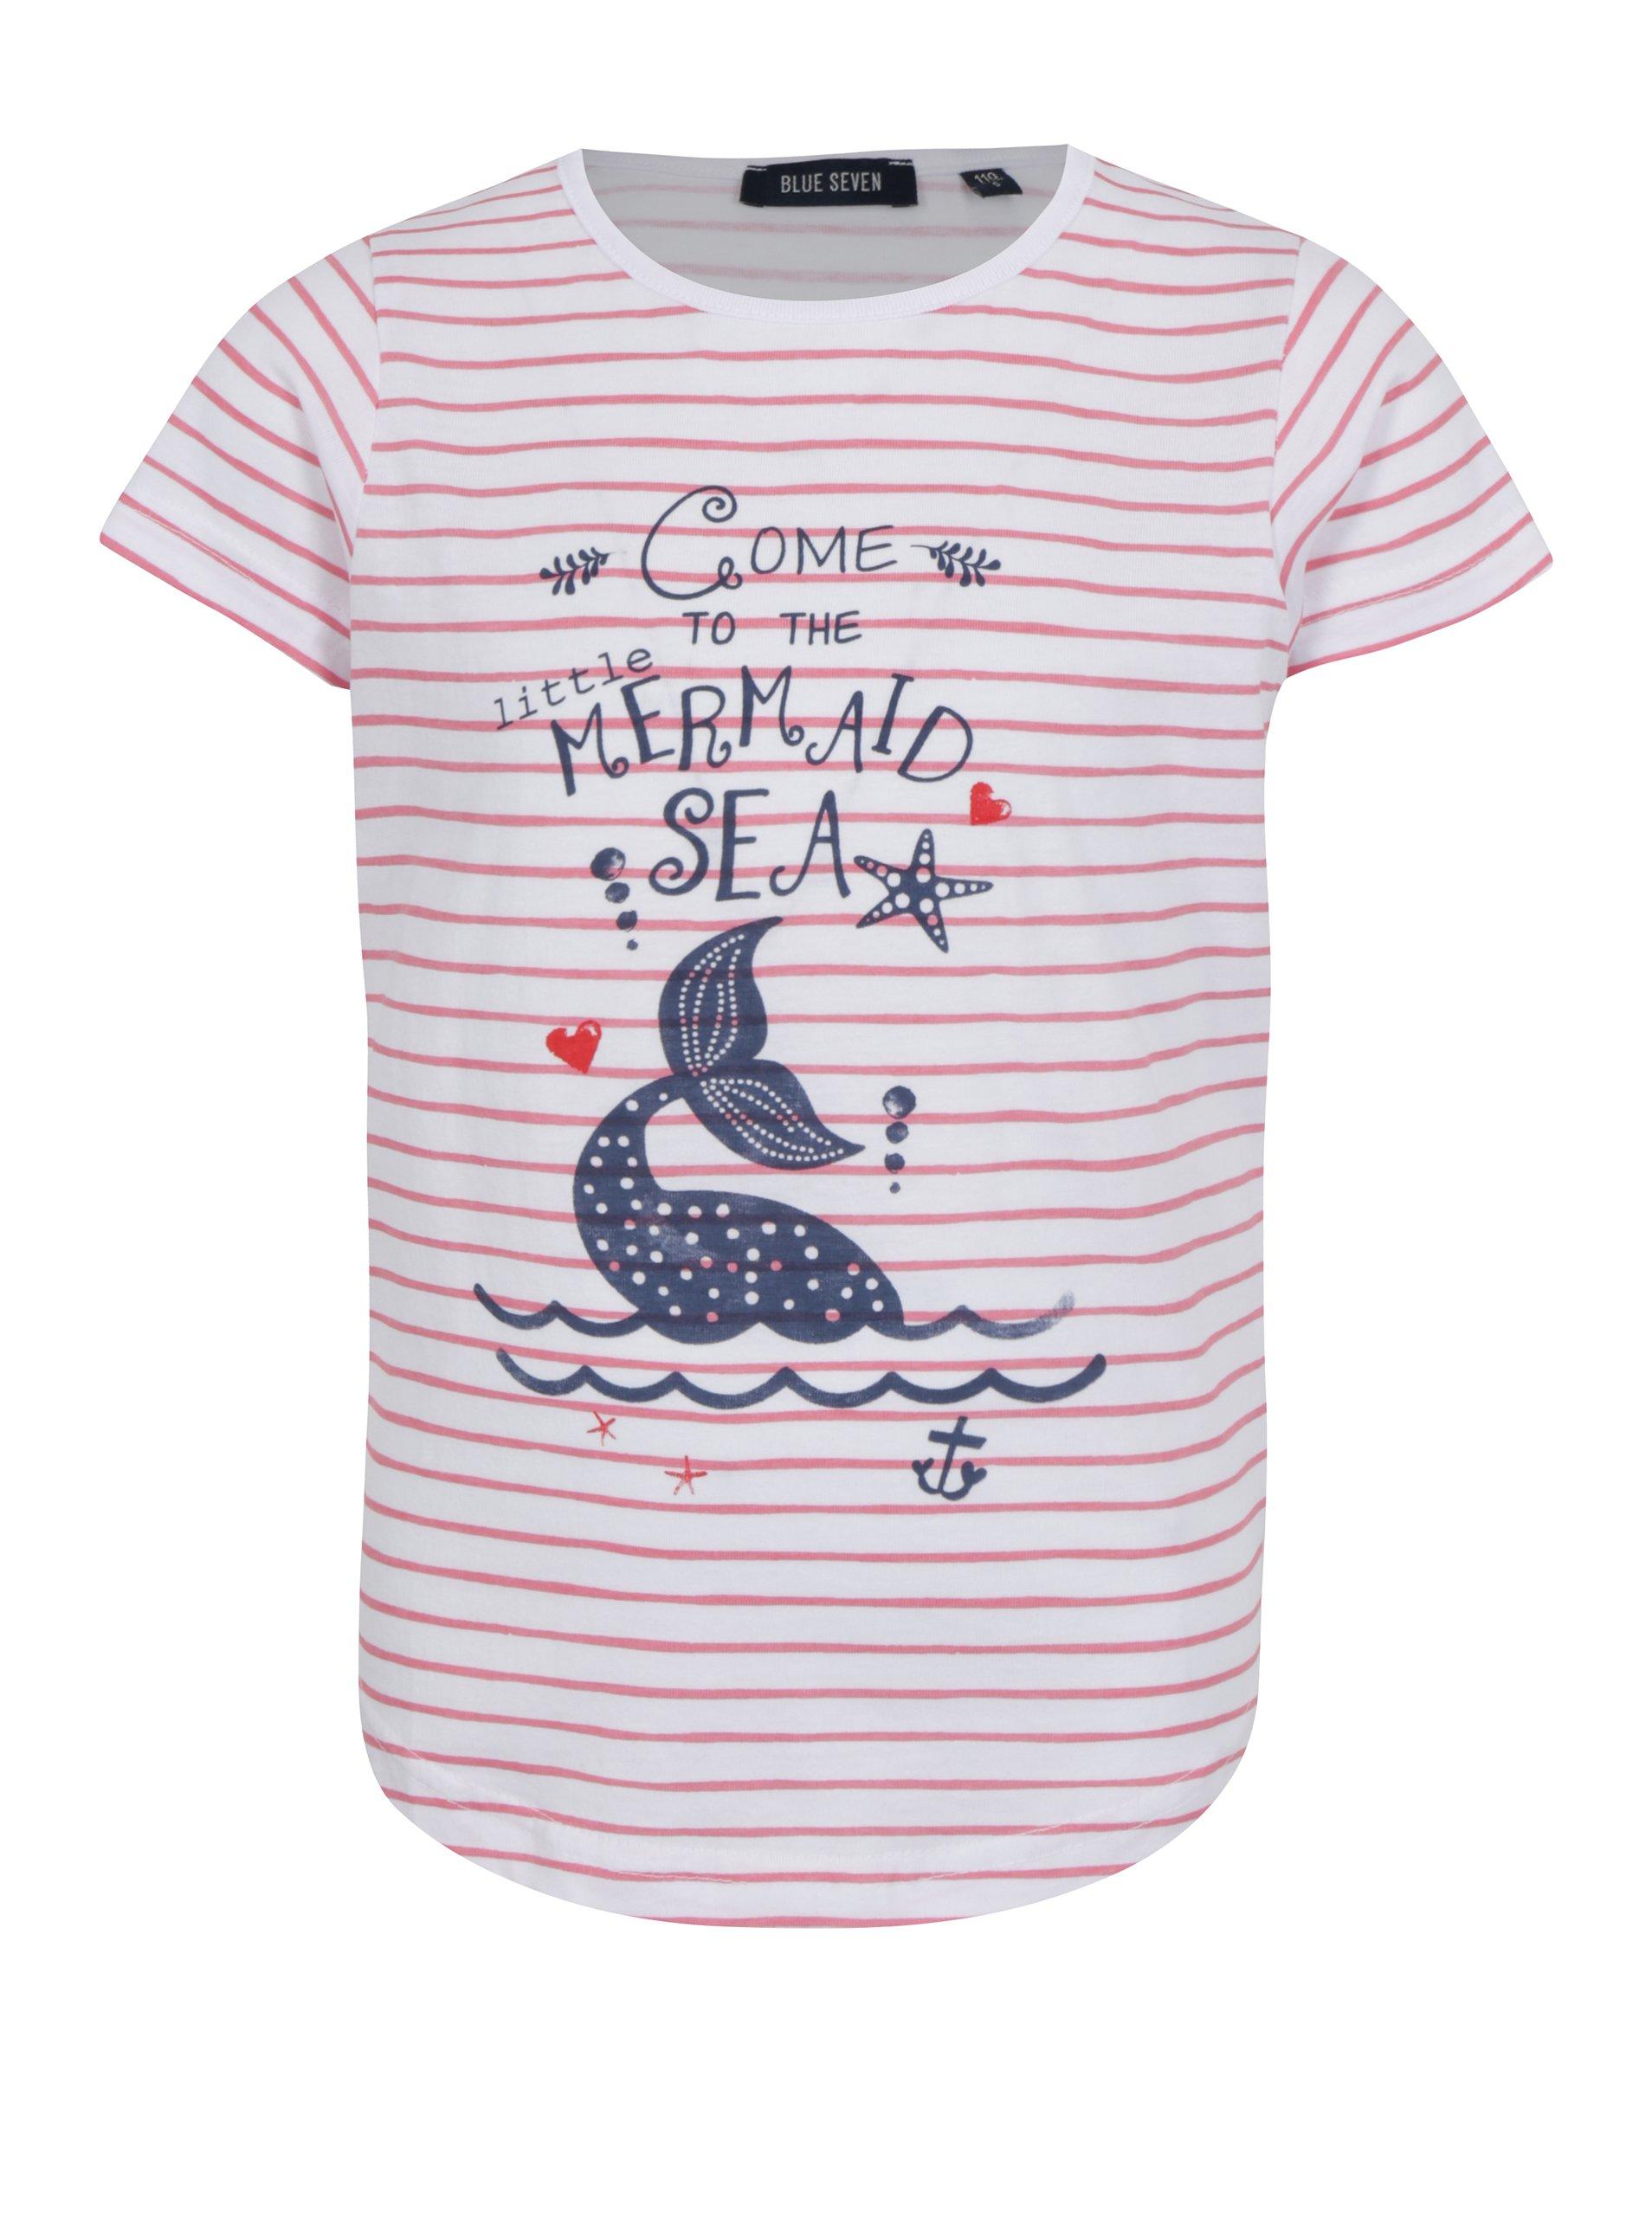 Červeno-biele dievčenské pruhované tričko s potlačou Blue Seven